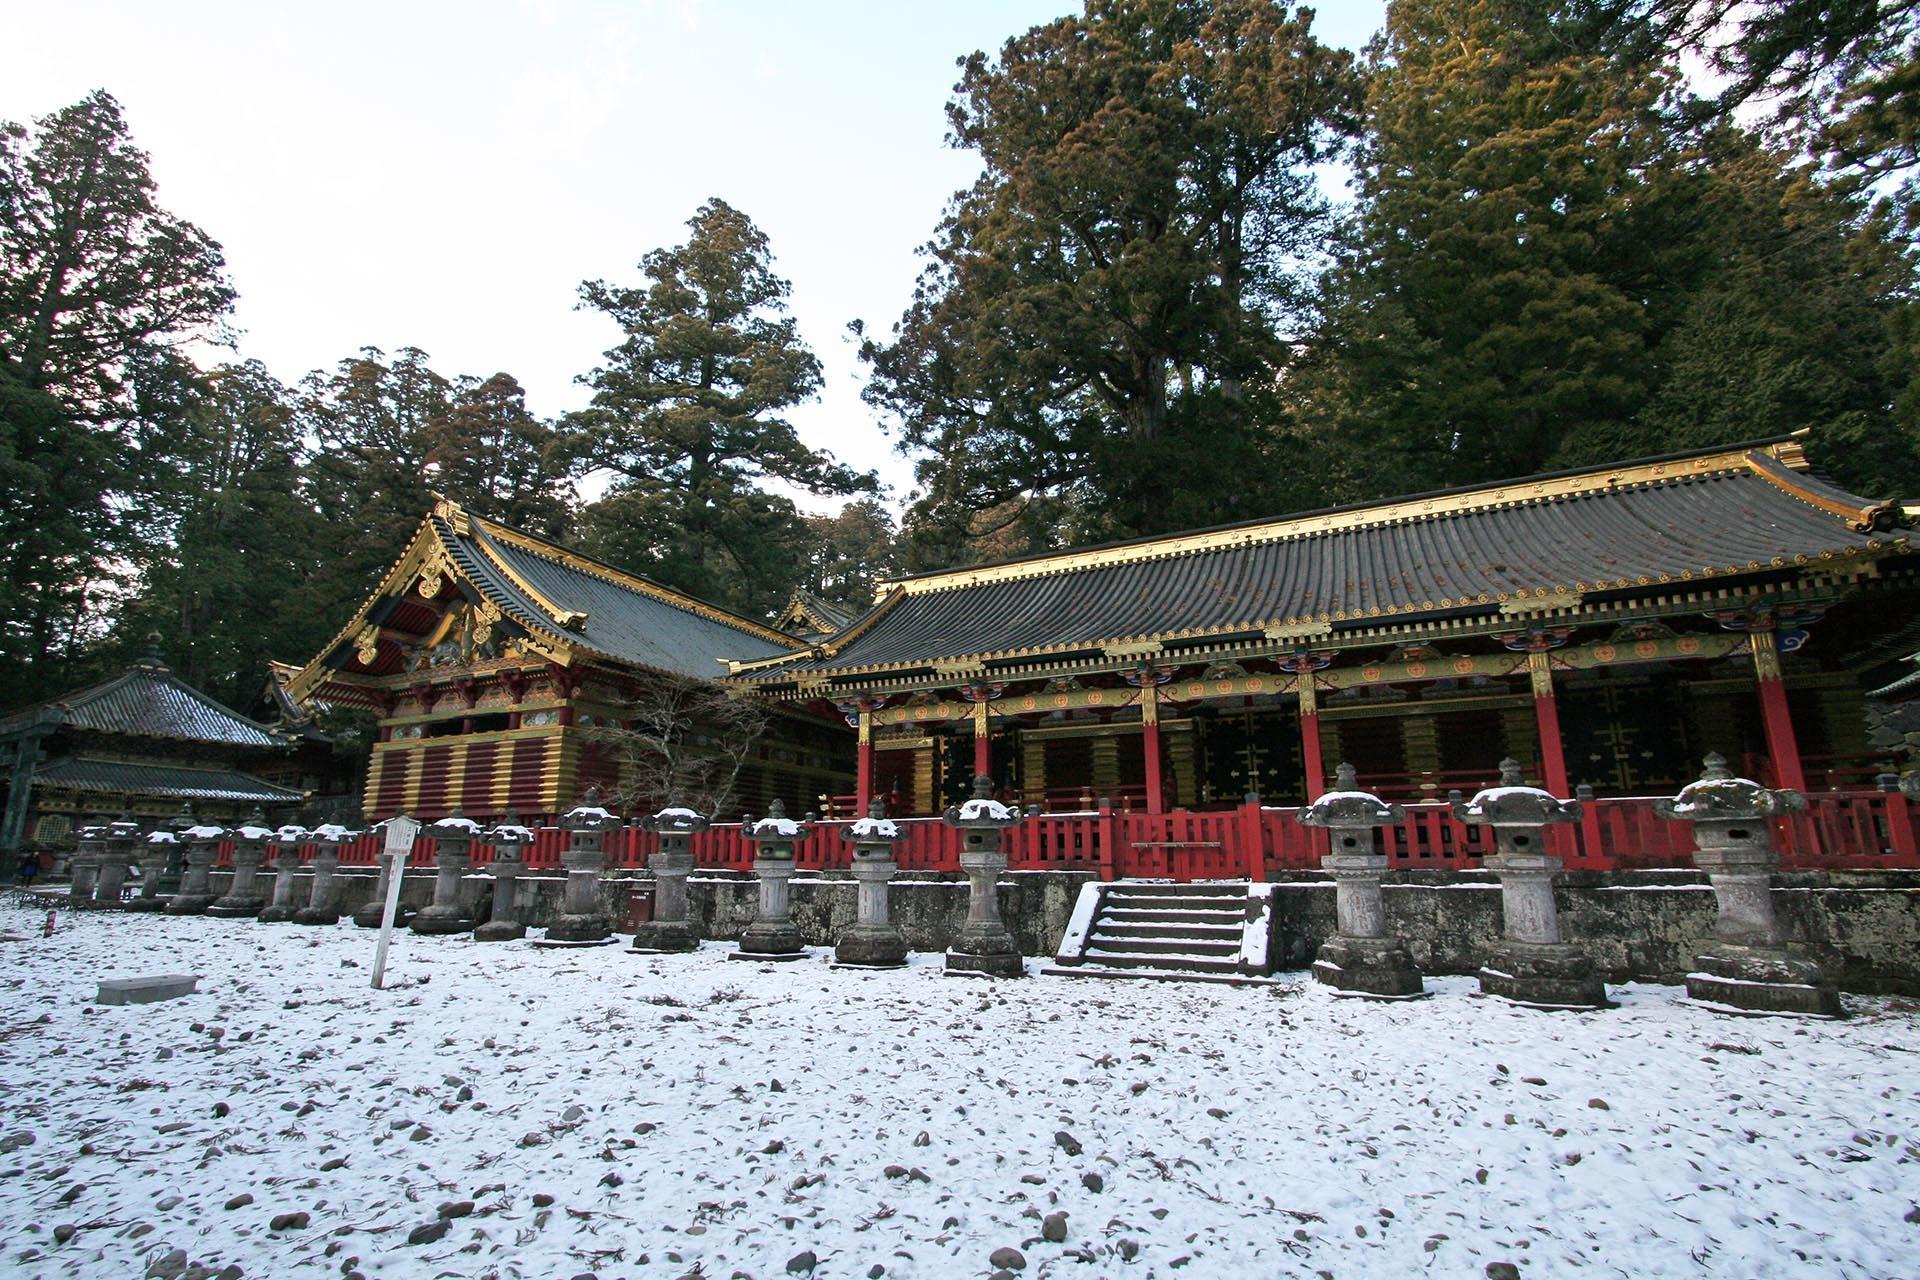 冬の日光東照宮 栃木の風景